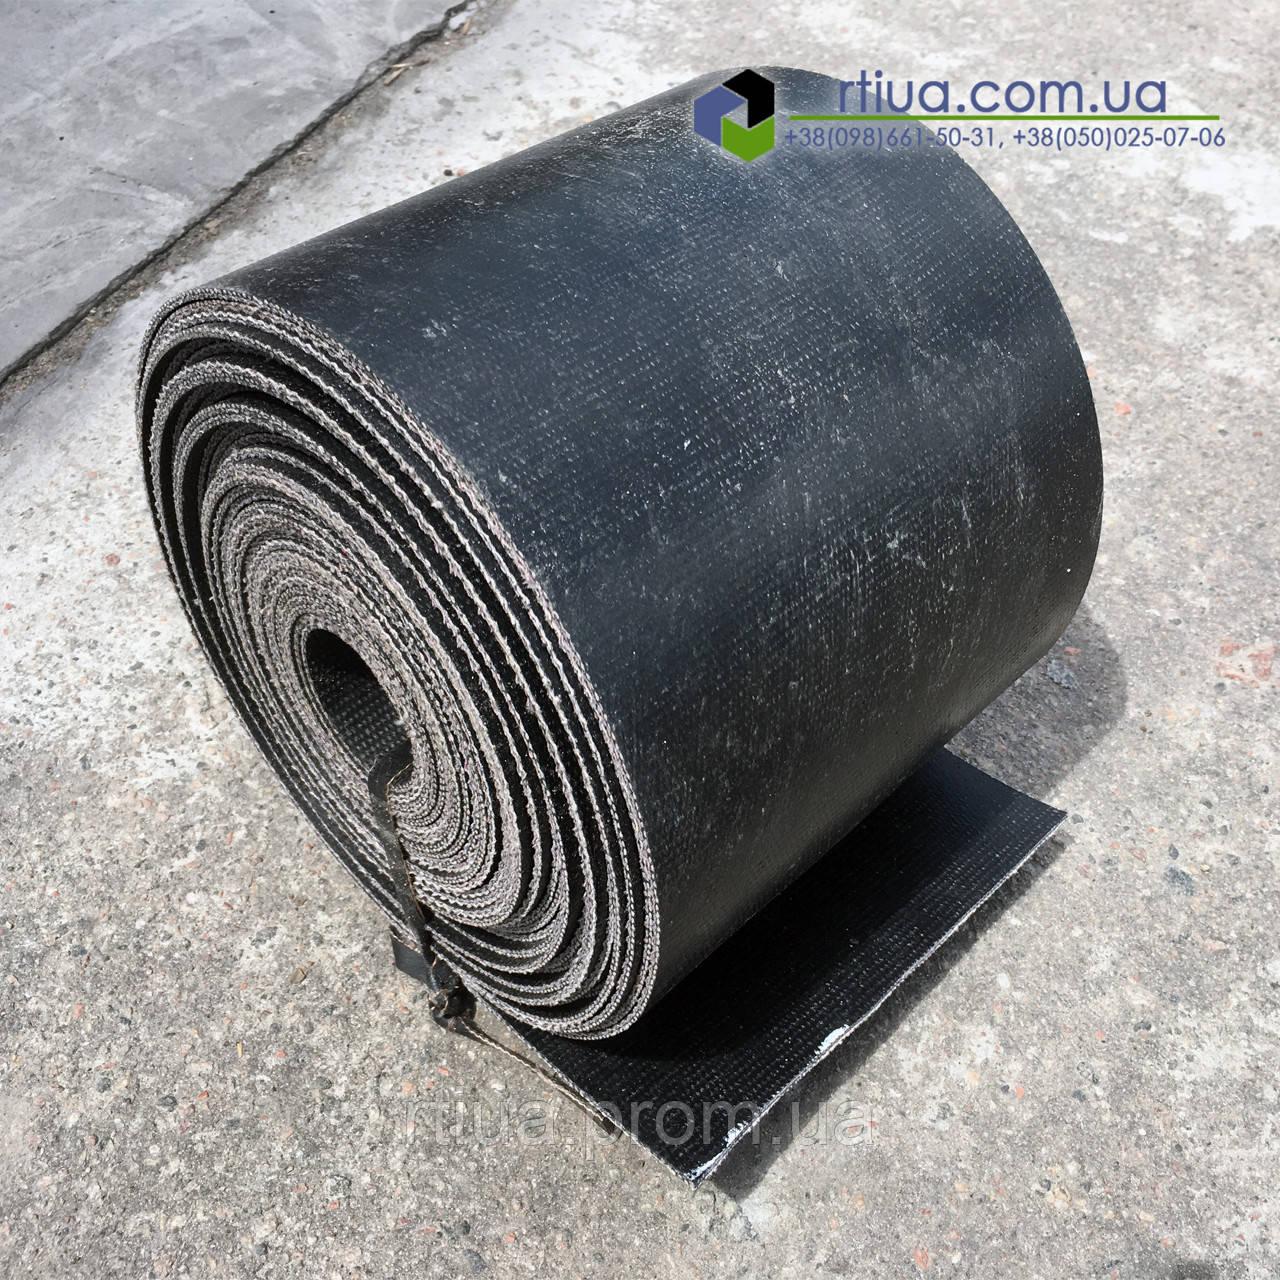 Транспортерная лента БКНЛ, 125х3 мм